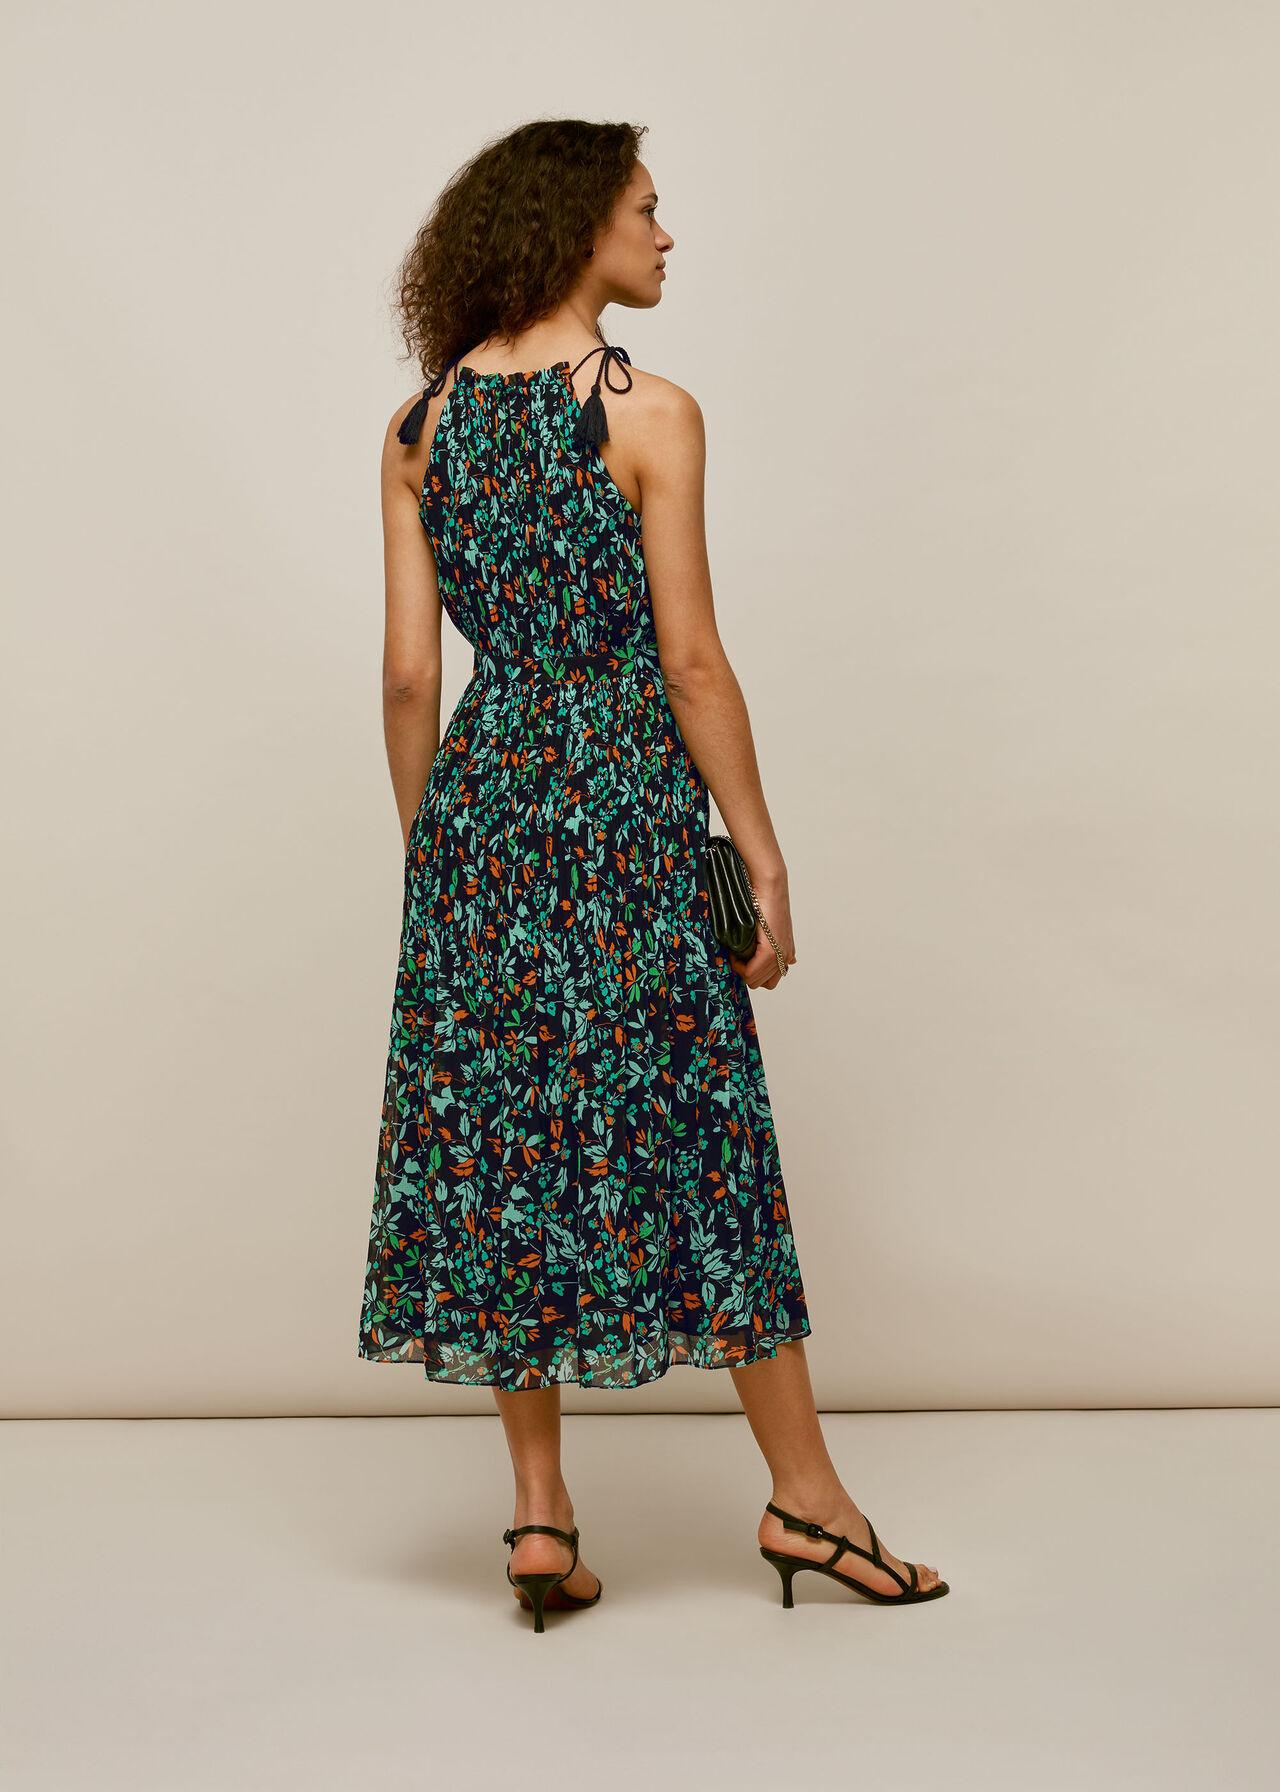 Forest Floral Halter Dress